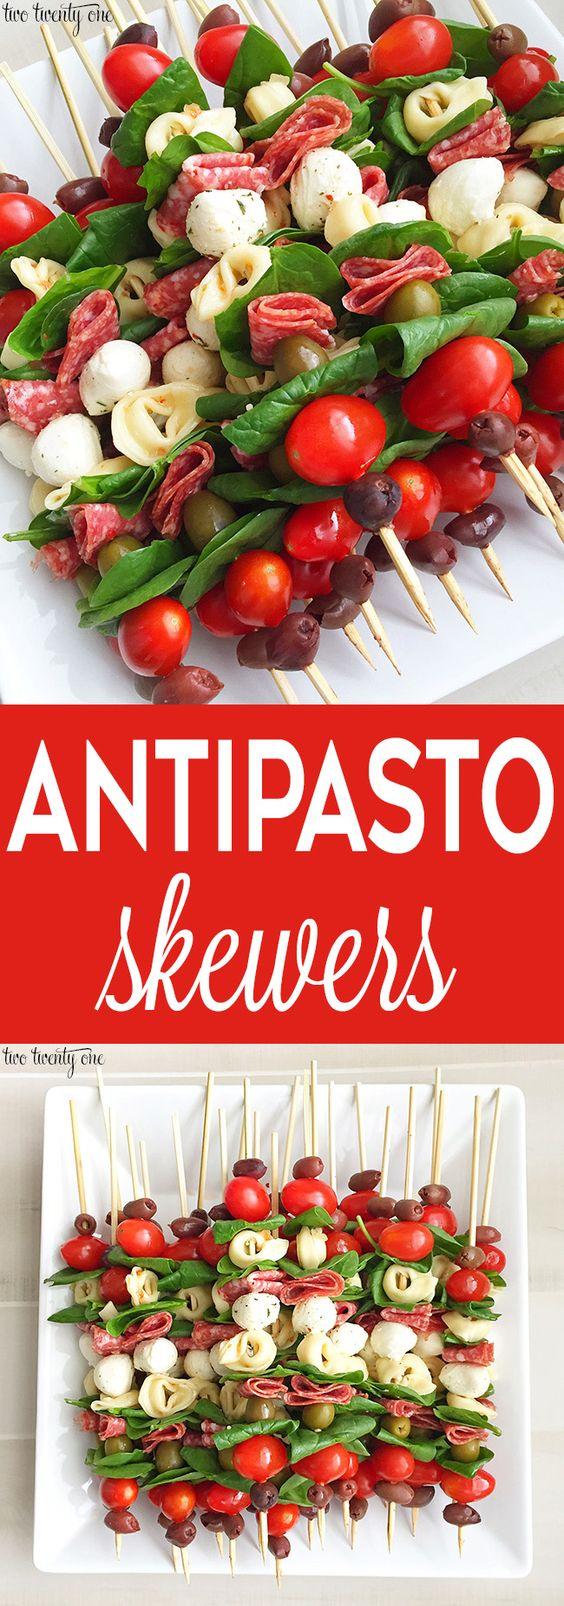 Antipasto Skewers